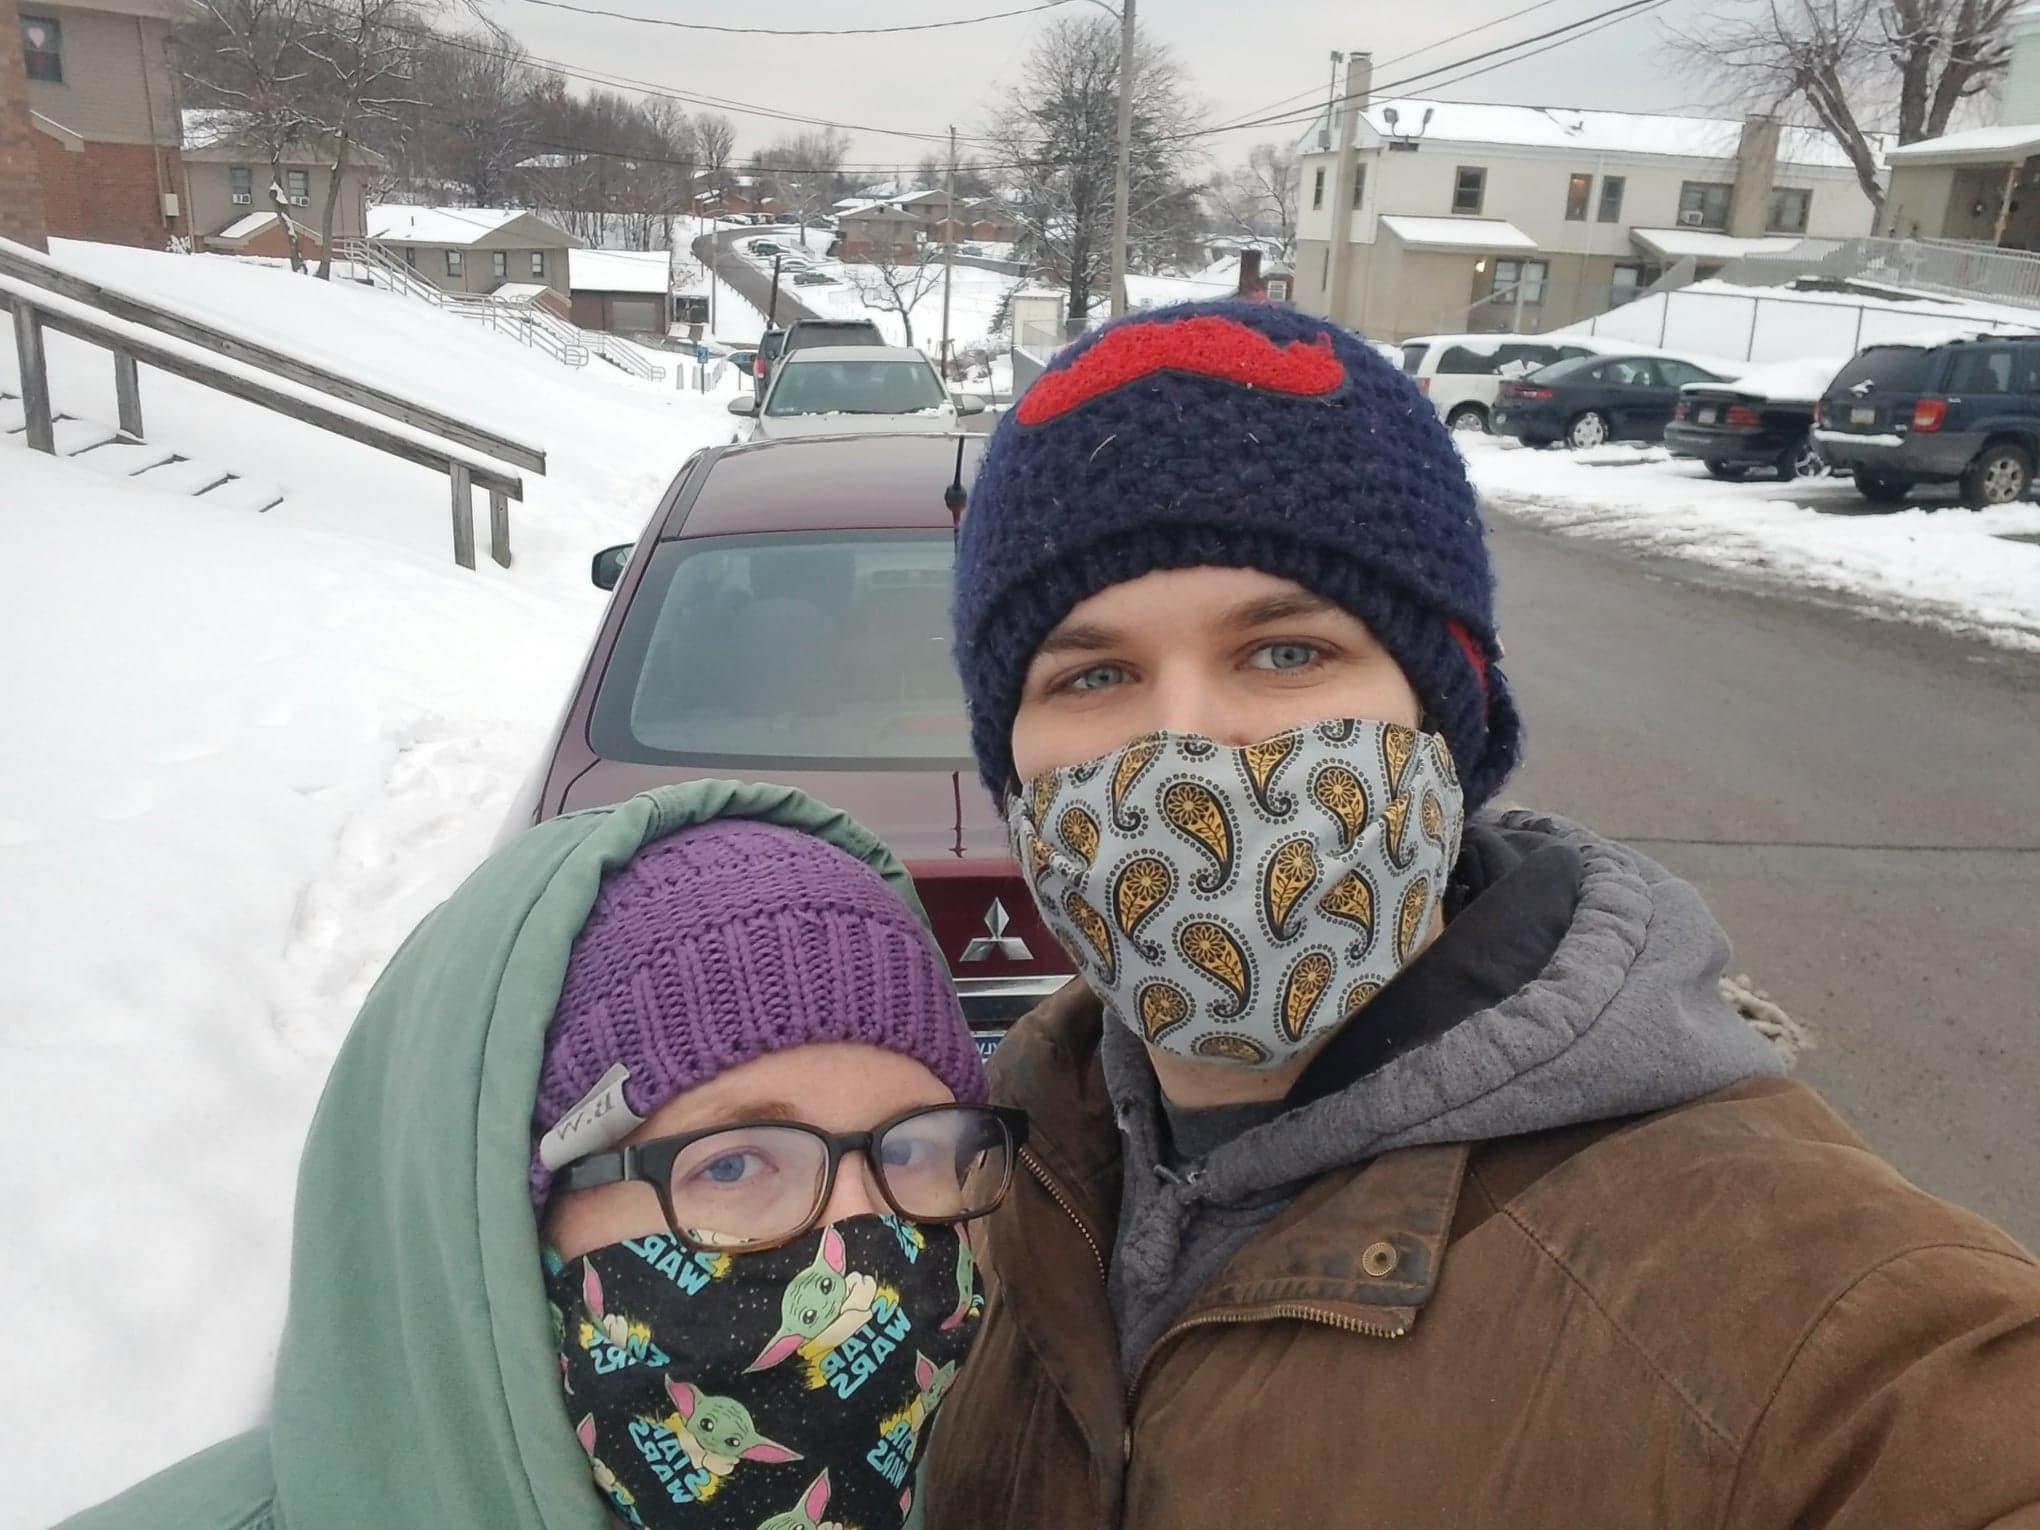 Snowy walk!